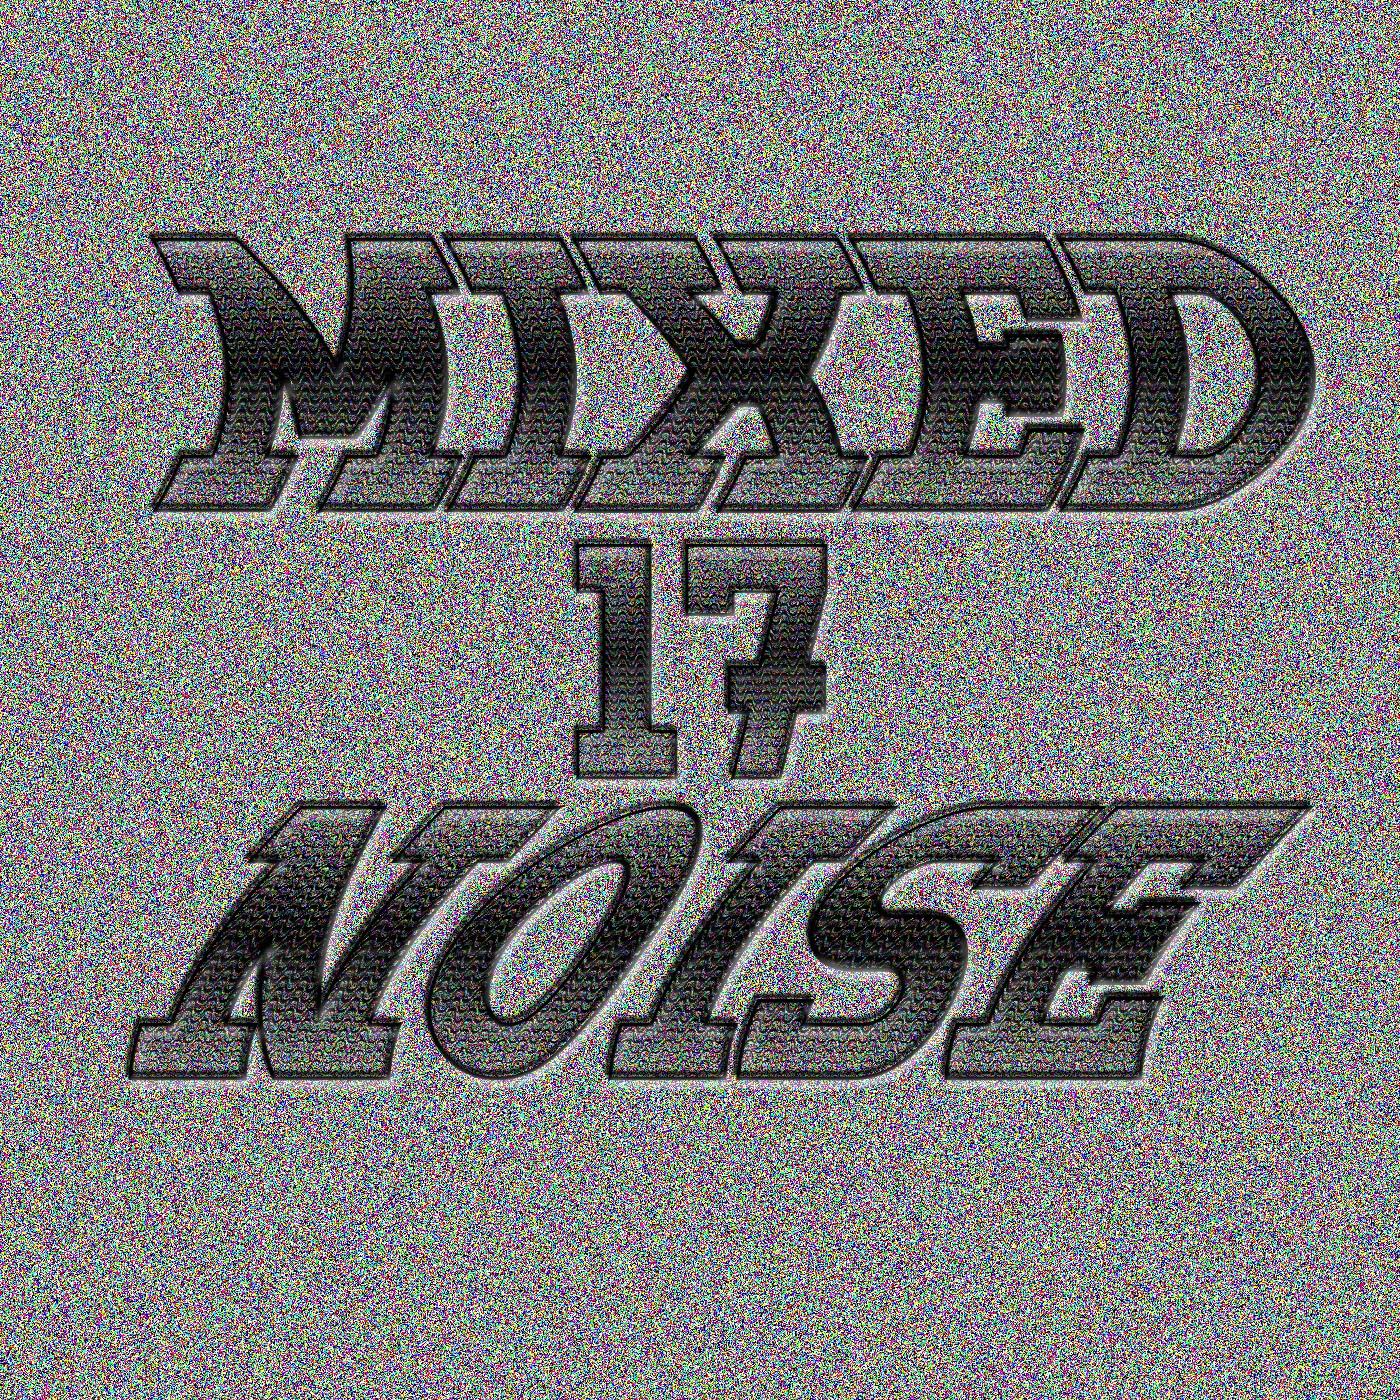 mixednoiselogo17